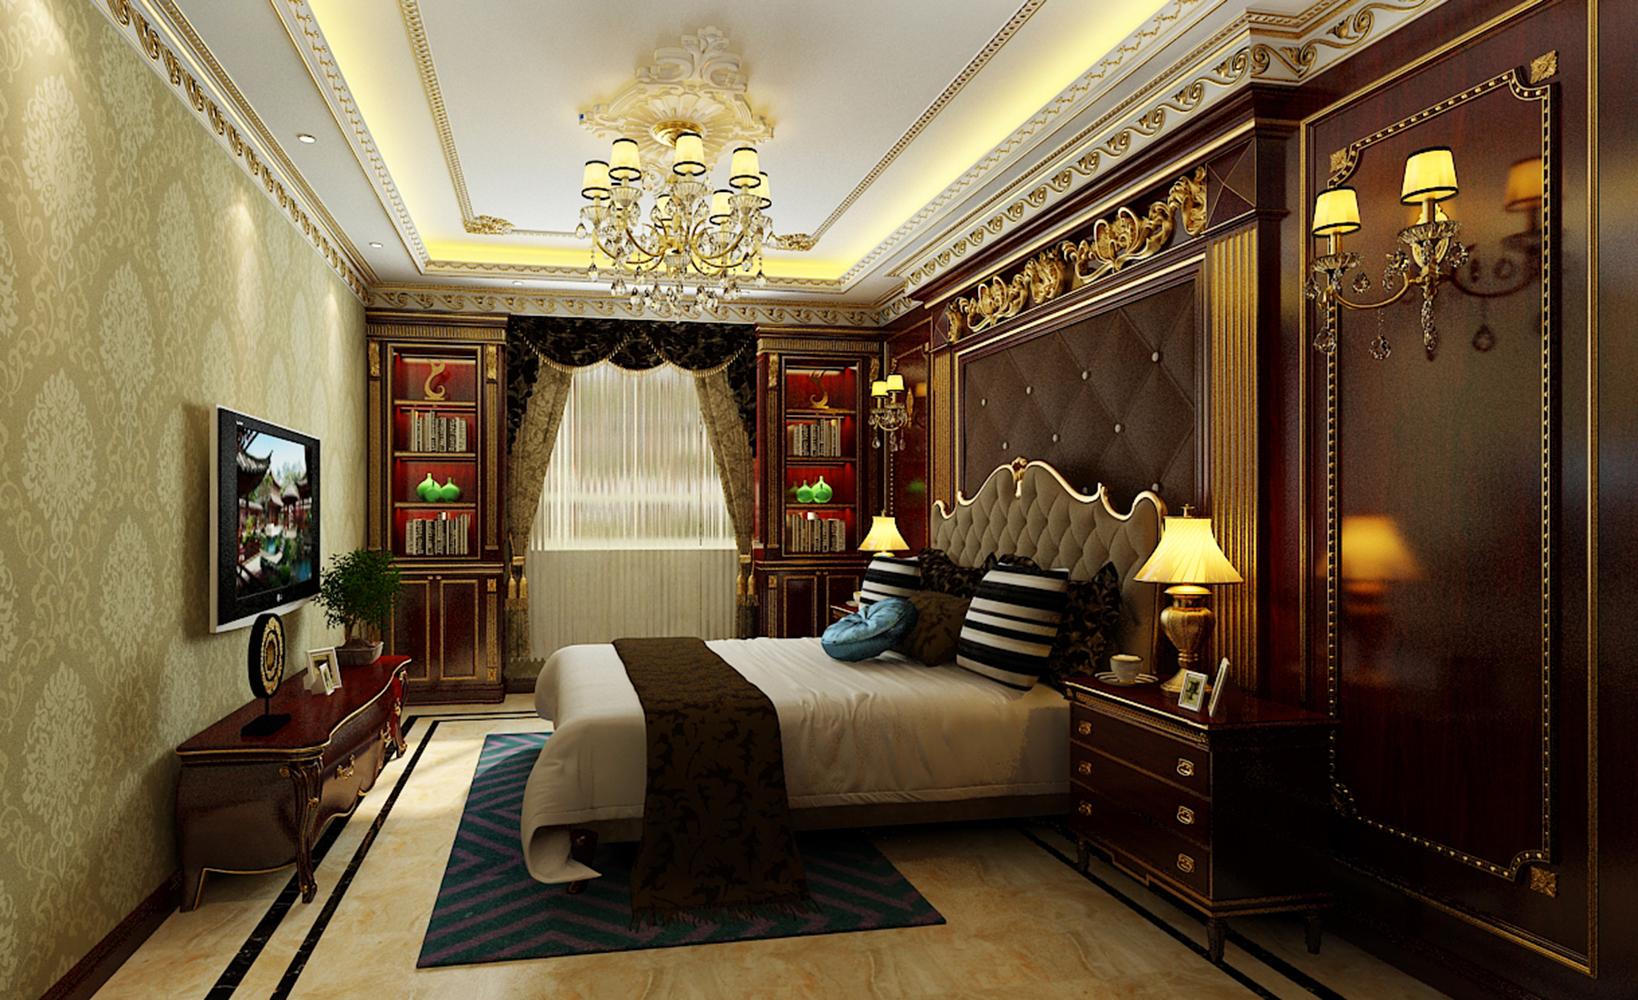 法式宫廷别墅装修卧室效果图